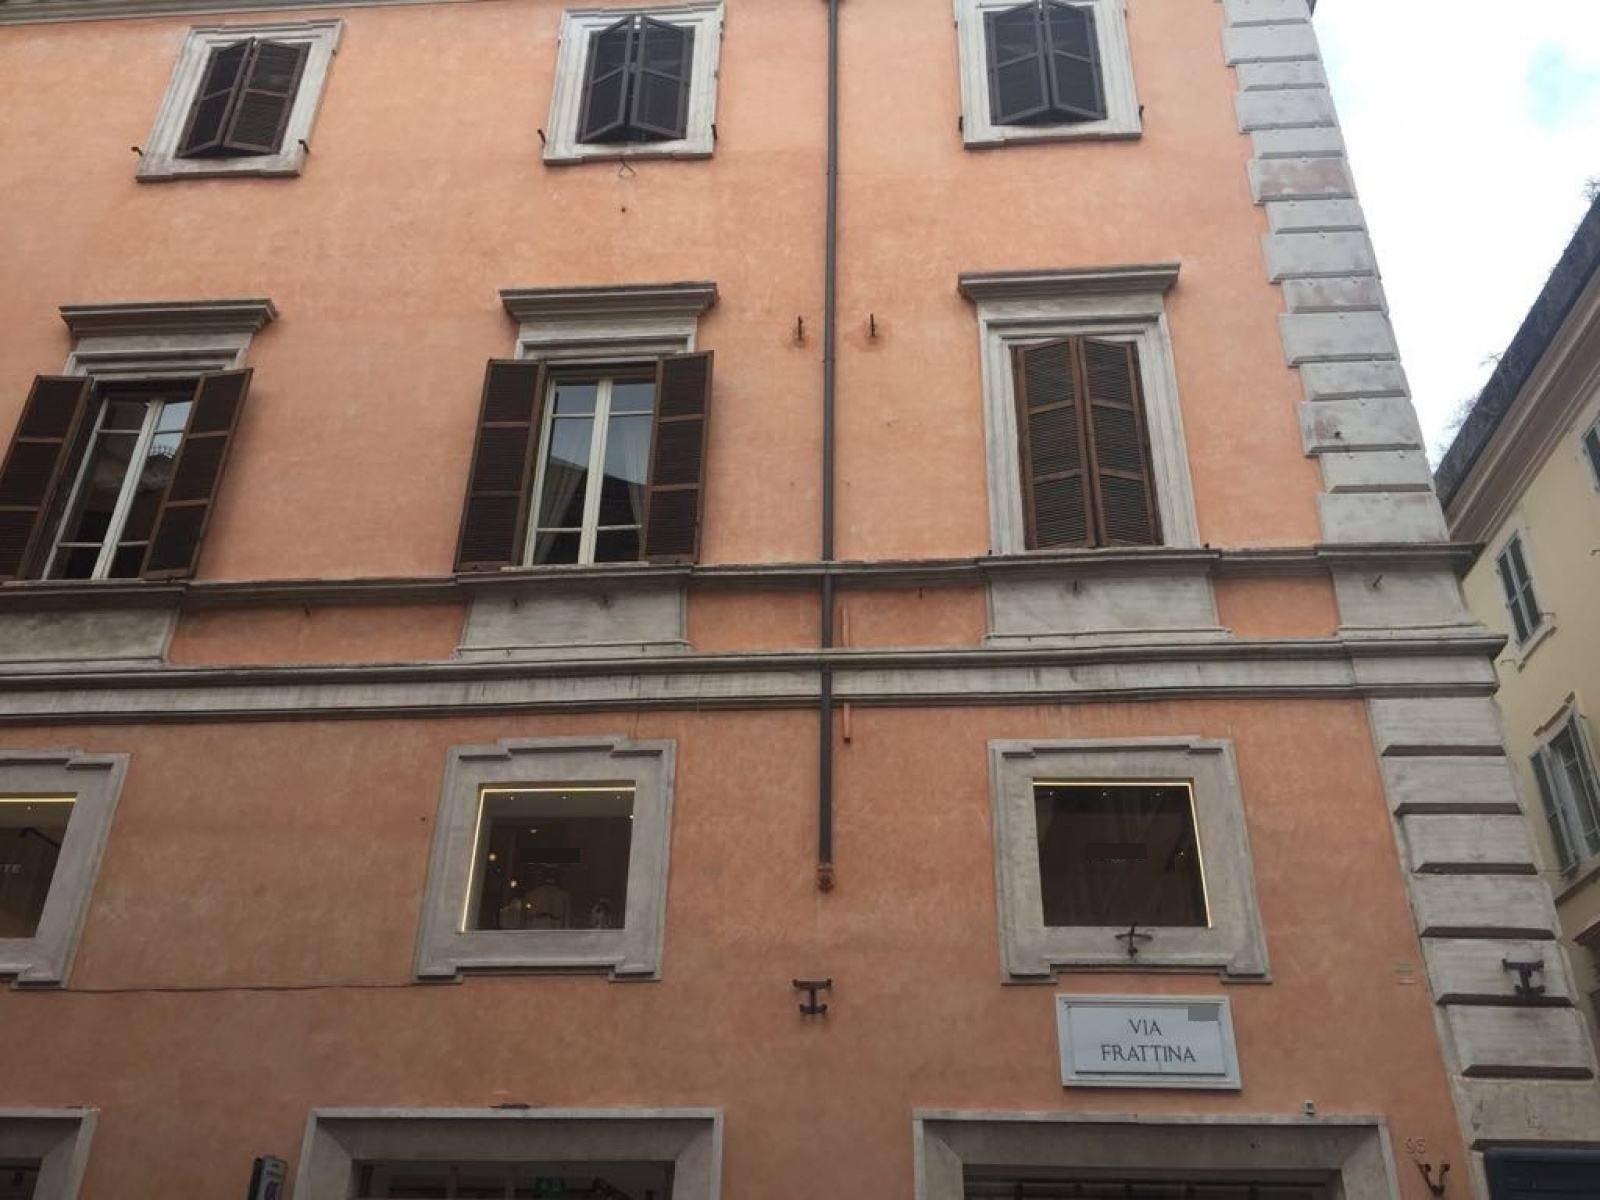 1118417284 Quadrilocale in Via Frattina, Roma, Zona Centro Storico